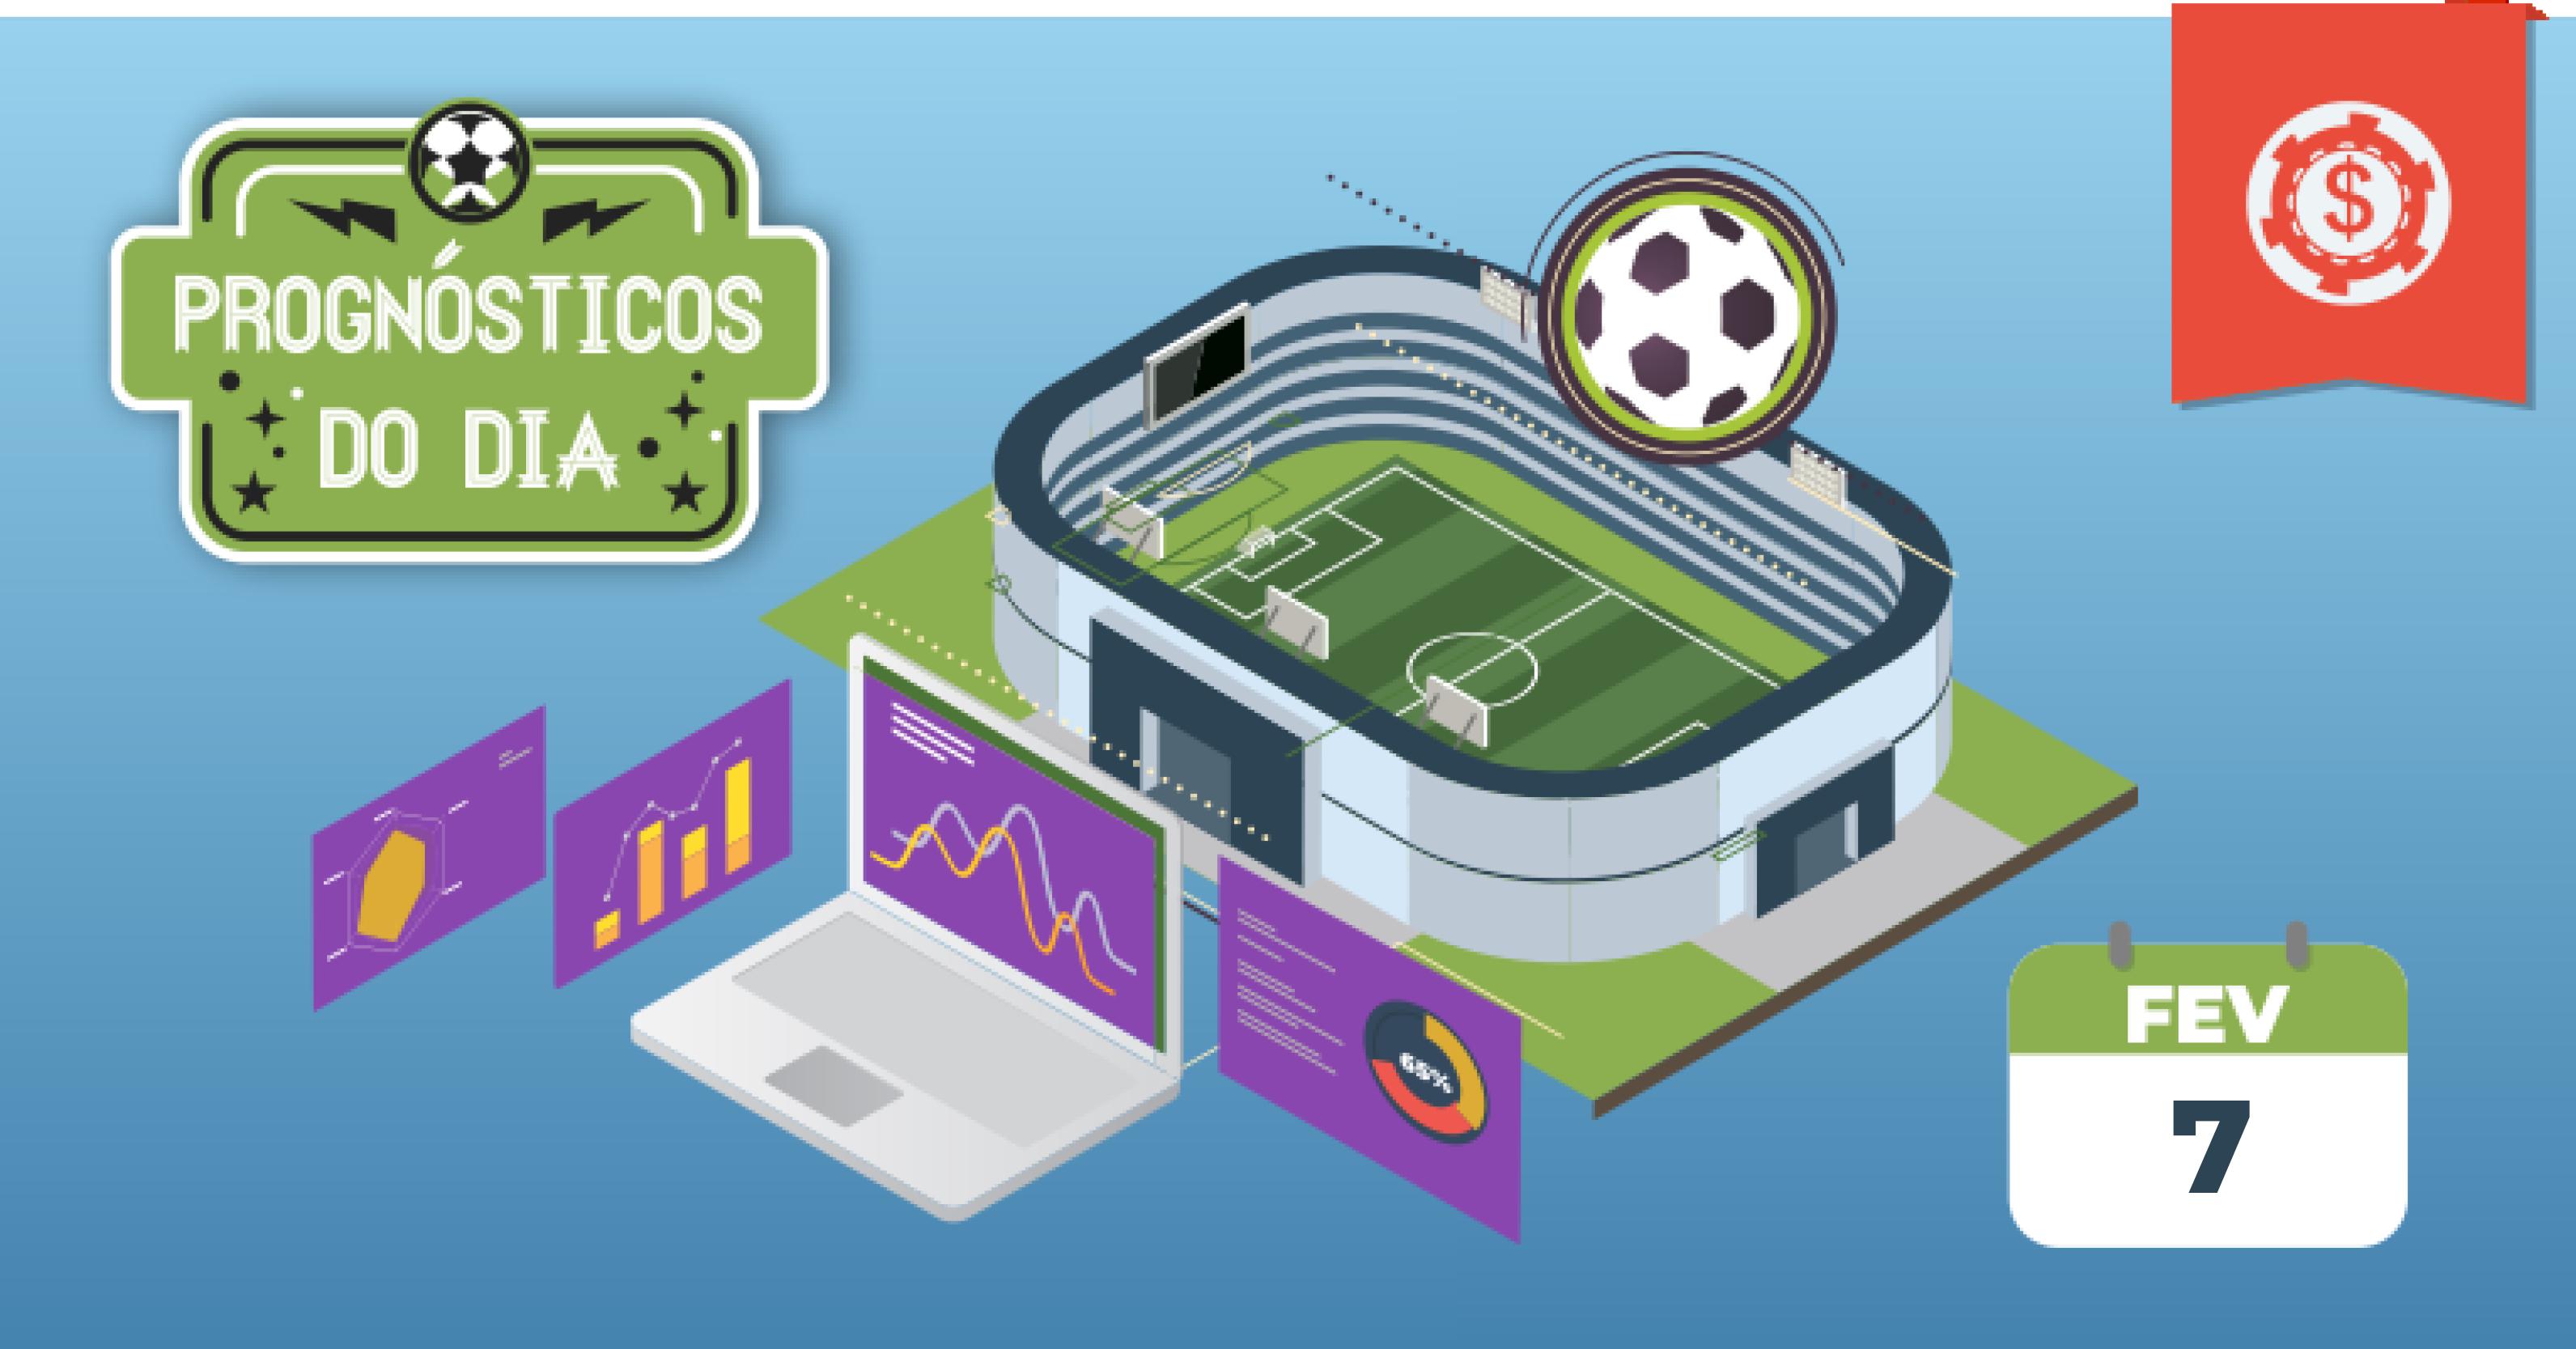 palpites-futebol-hoje-prognosticos-7-fevereiro-2020